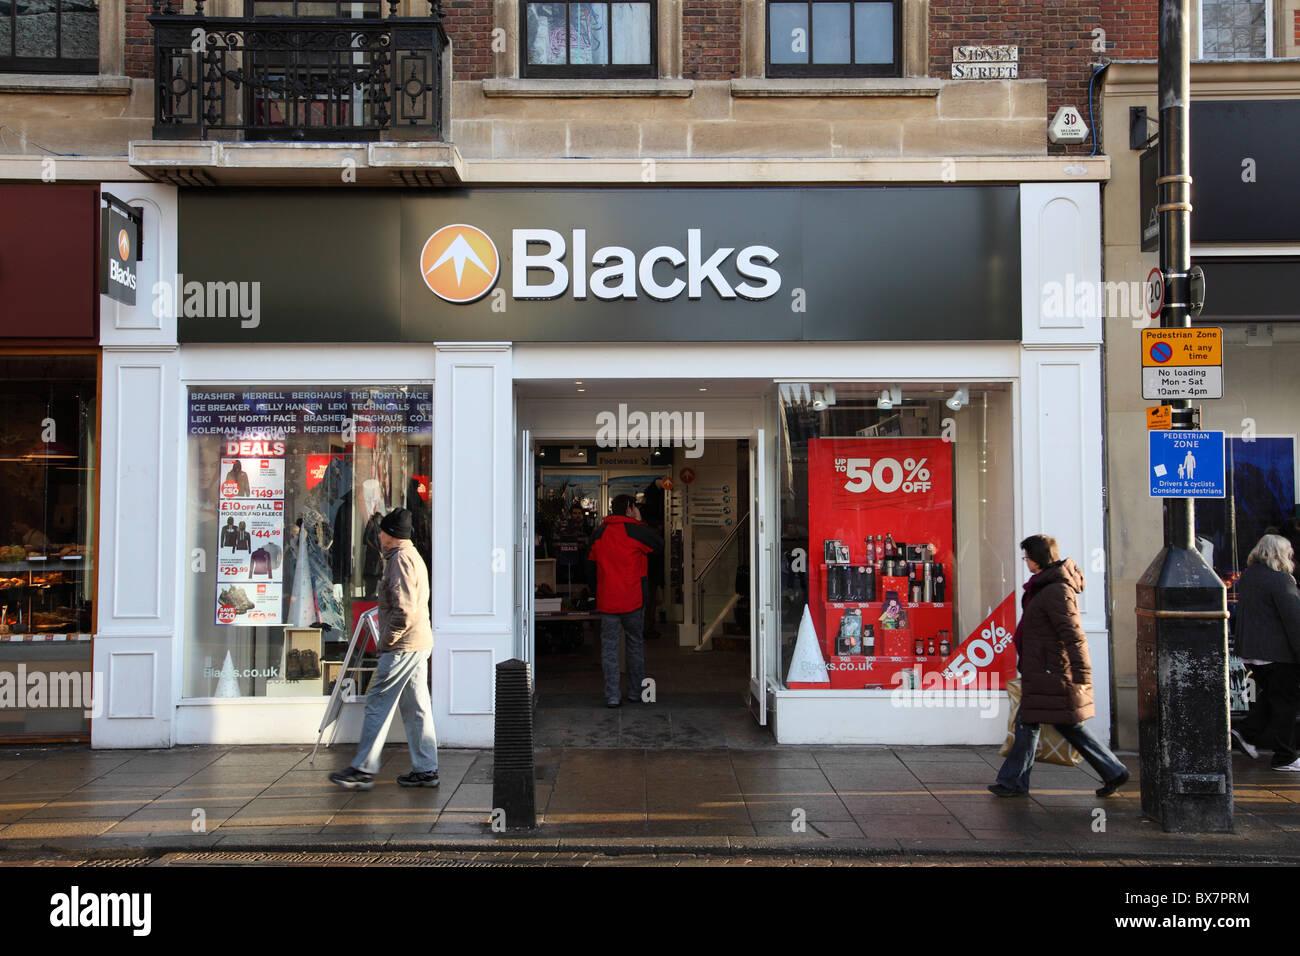 A los negros y ropa exterior camping tienda en Cambridge, Inglaterra, Reino Unido. Imagen De Stock